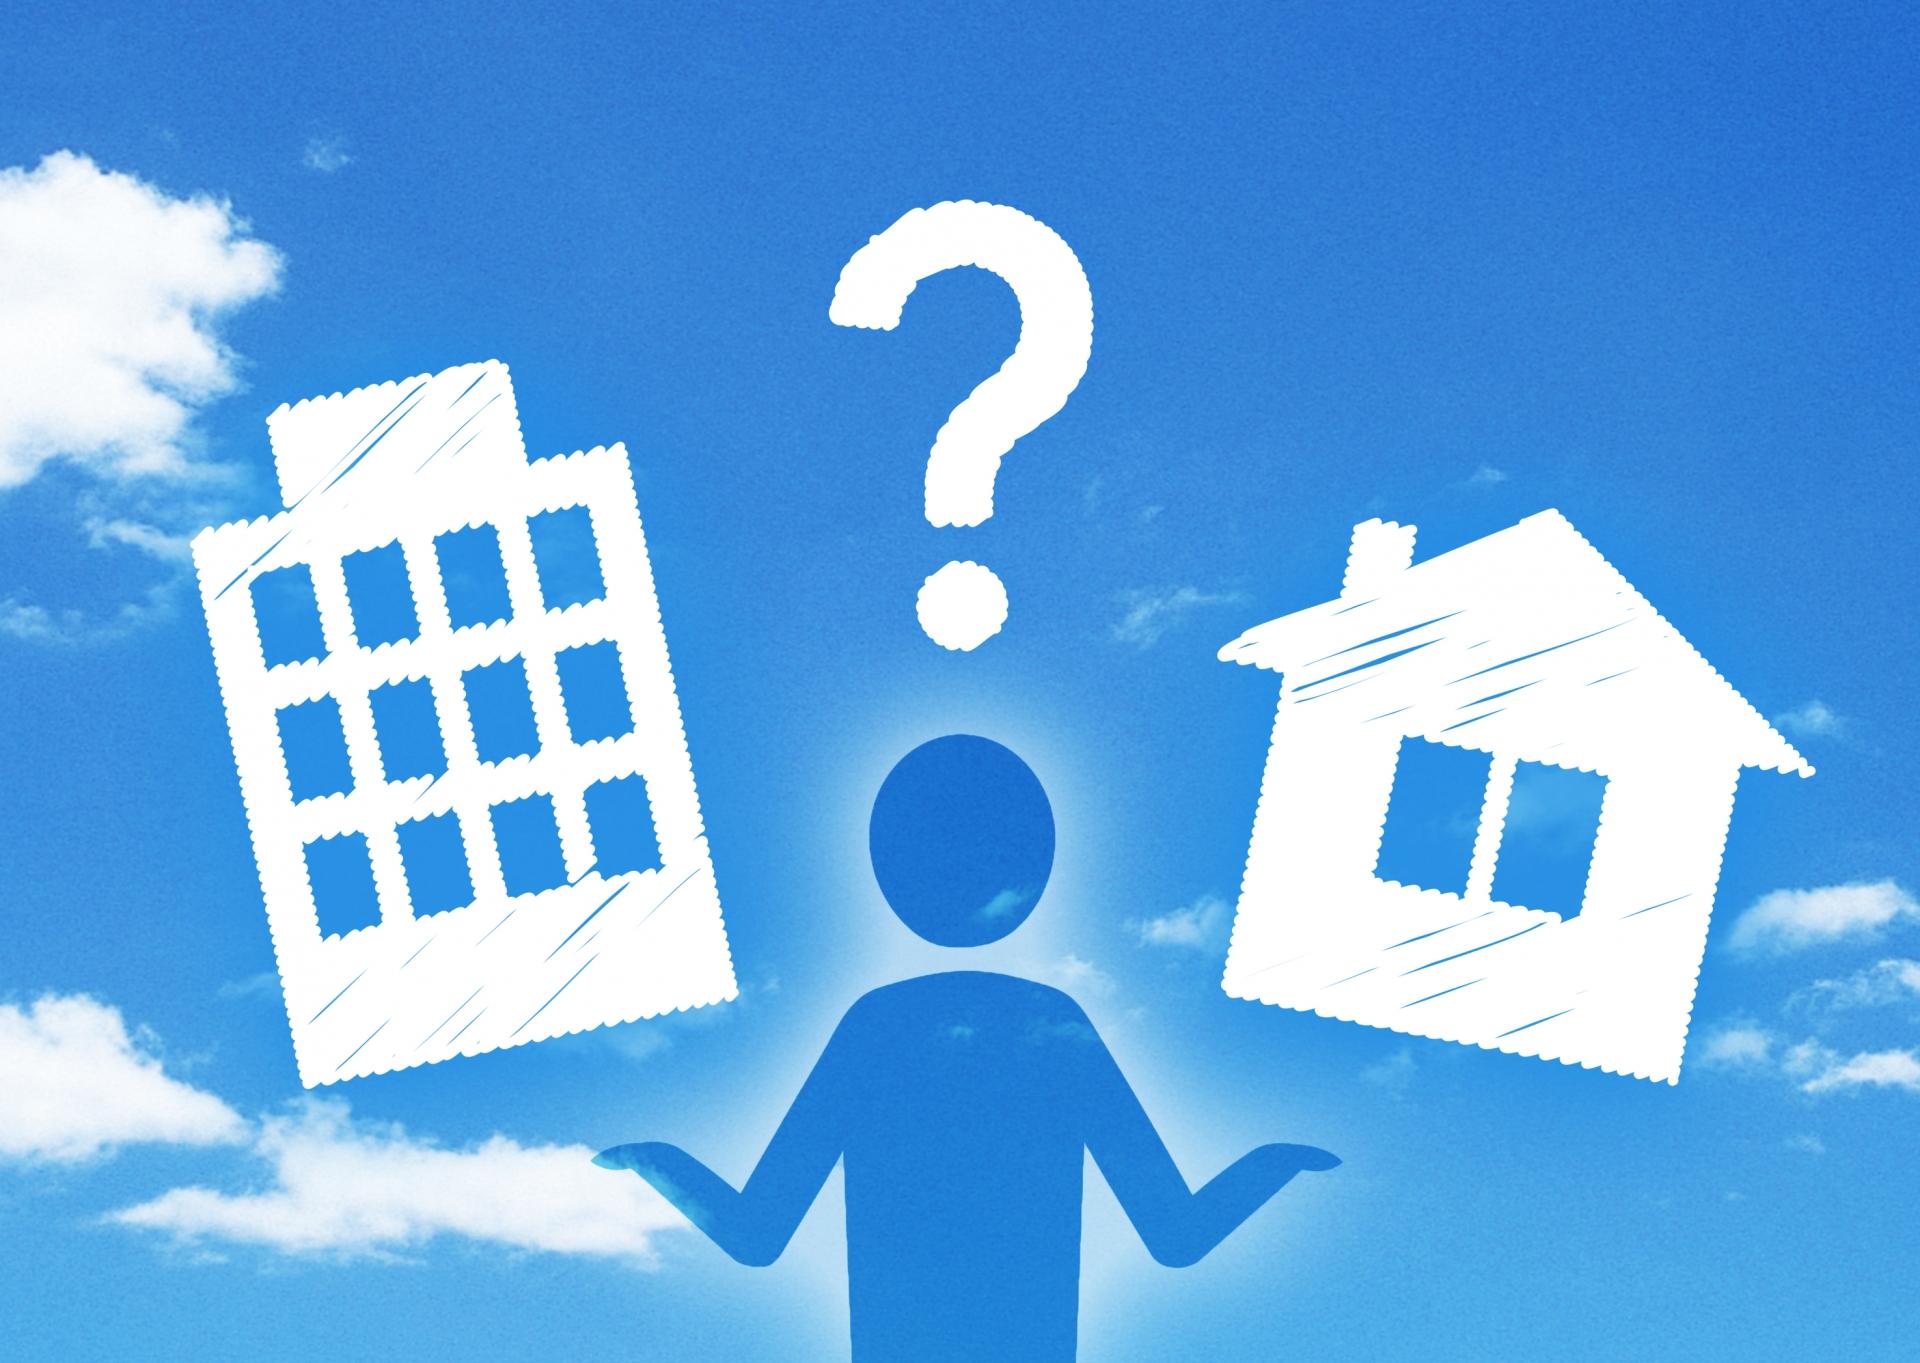 持ち家を持った場合の家計の考え方を教えてください